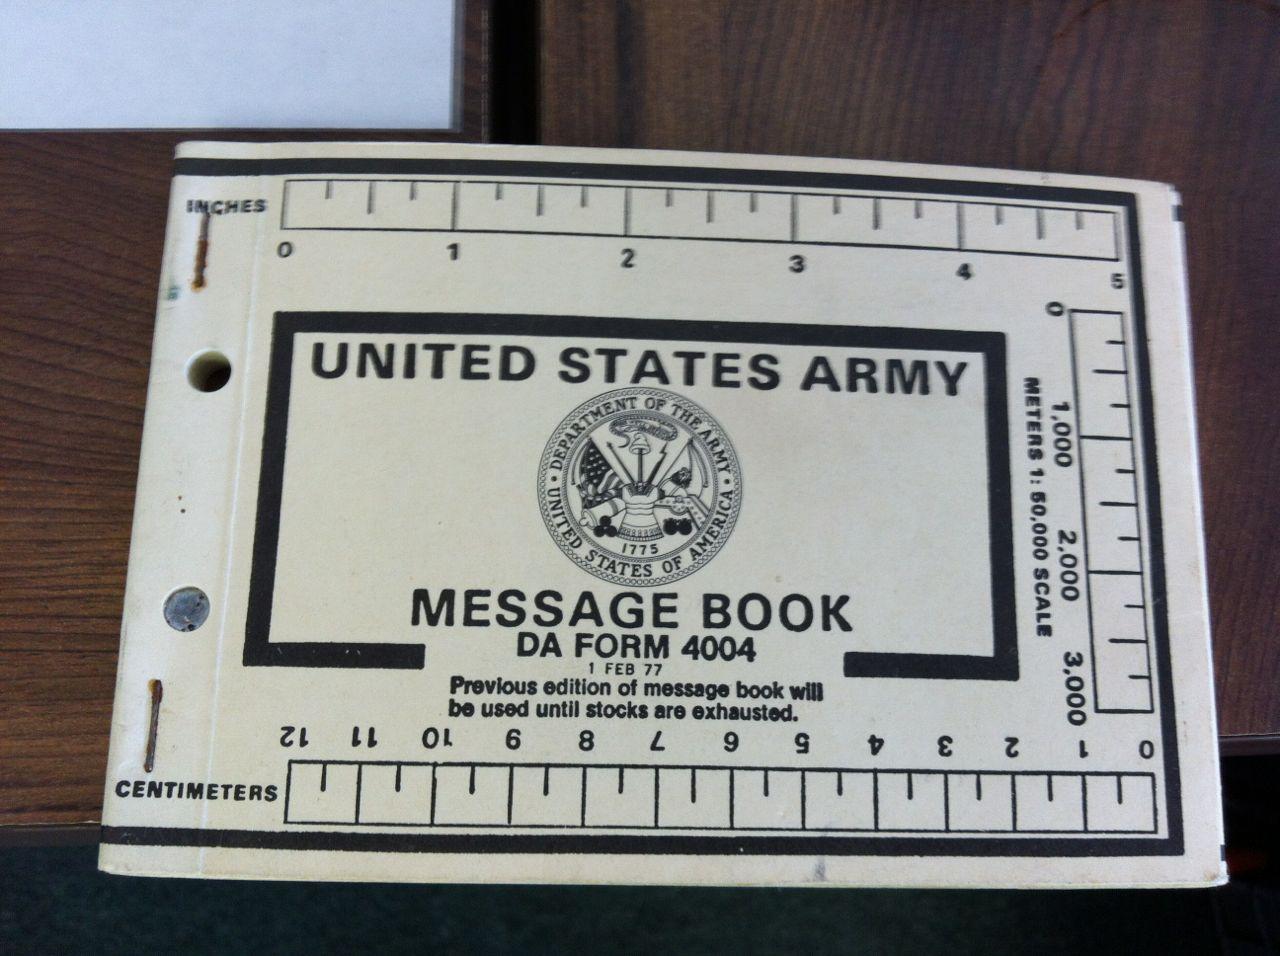 Army Message Book DA Form 4004